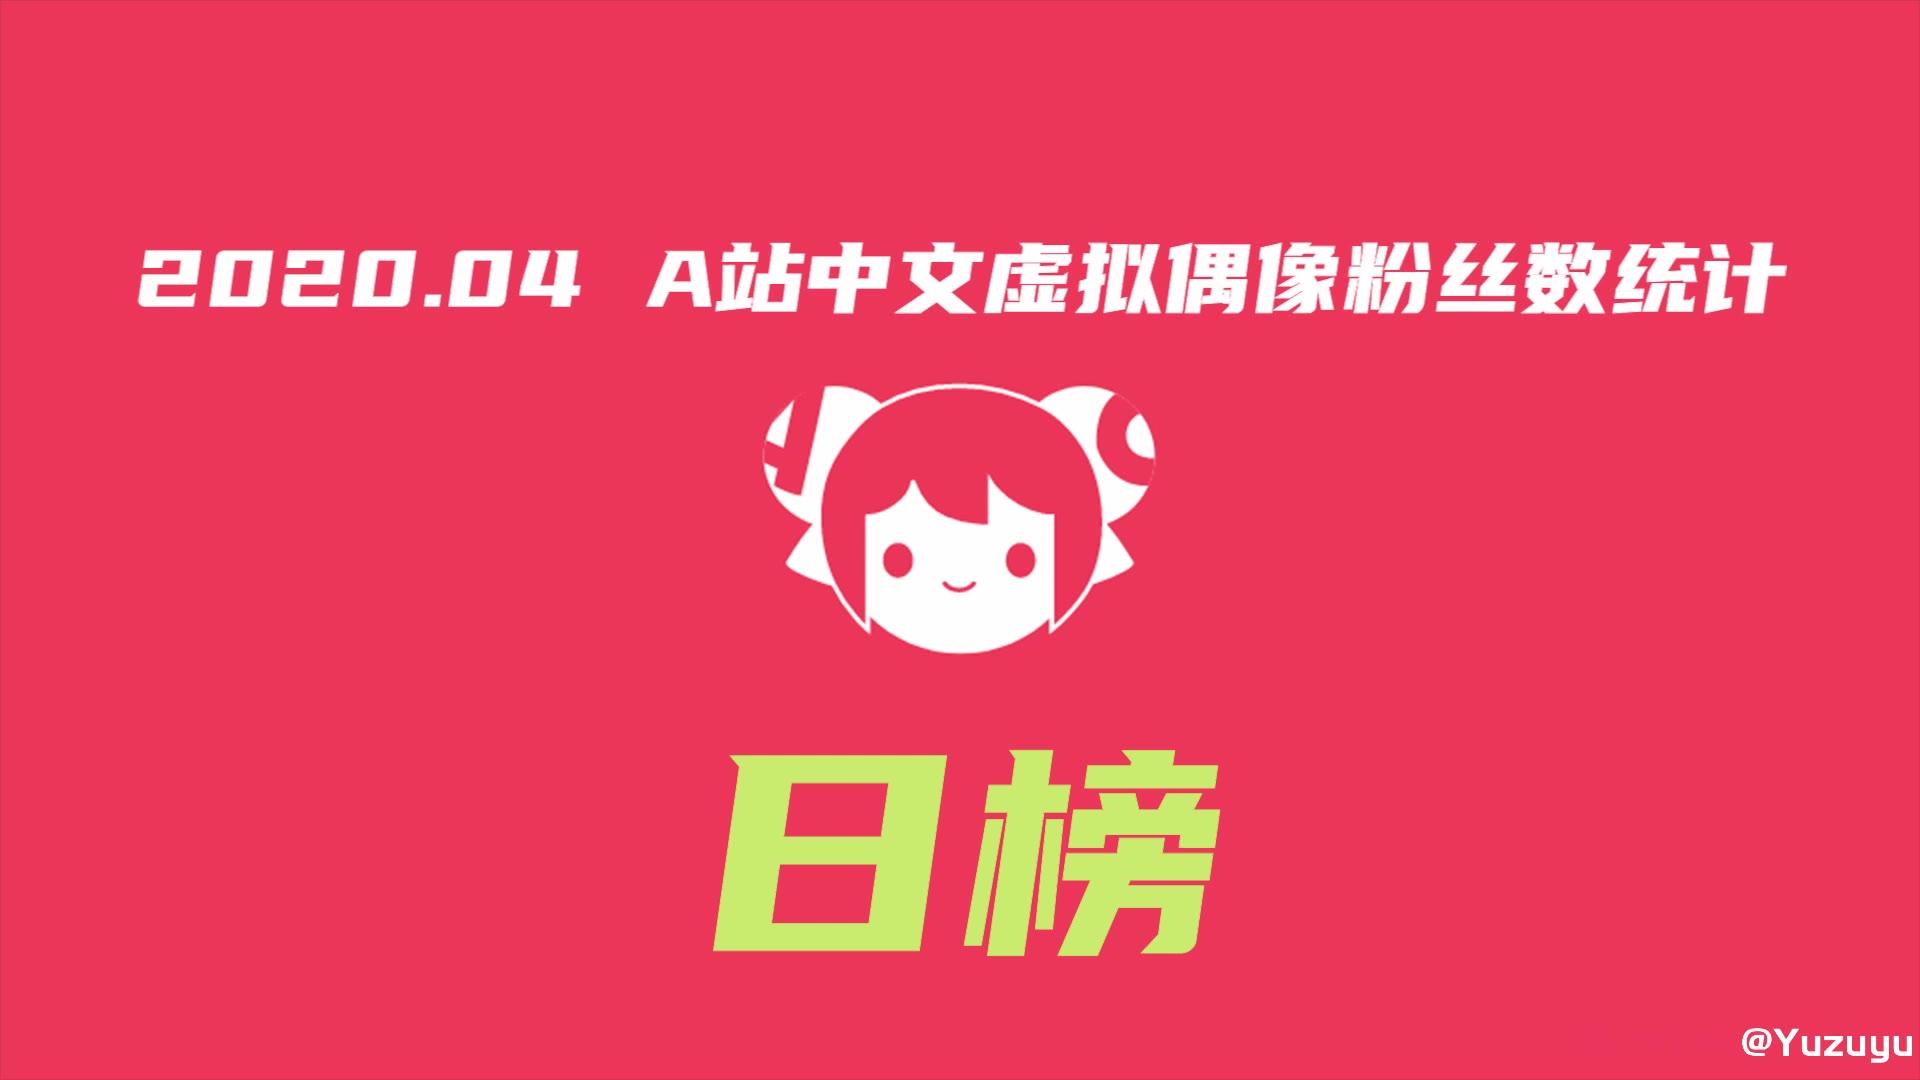 【2020年04月】A站中文虚拟偶像粉丝数排行榜【V.2】